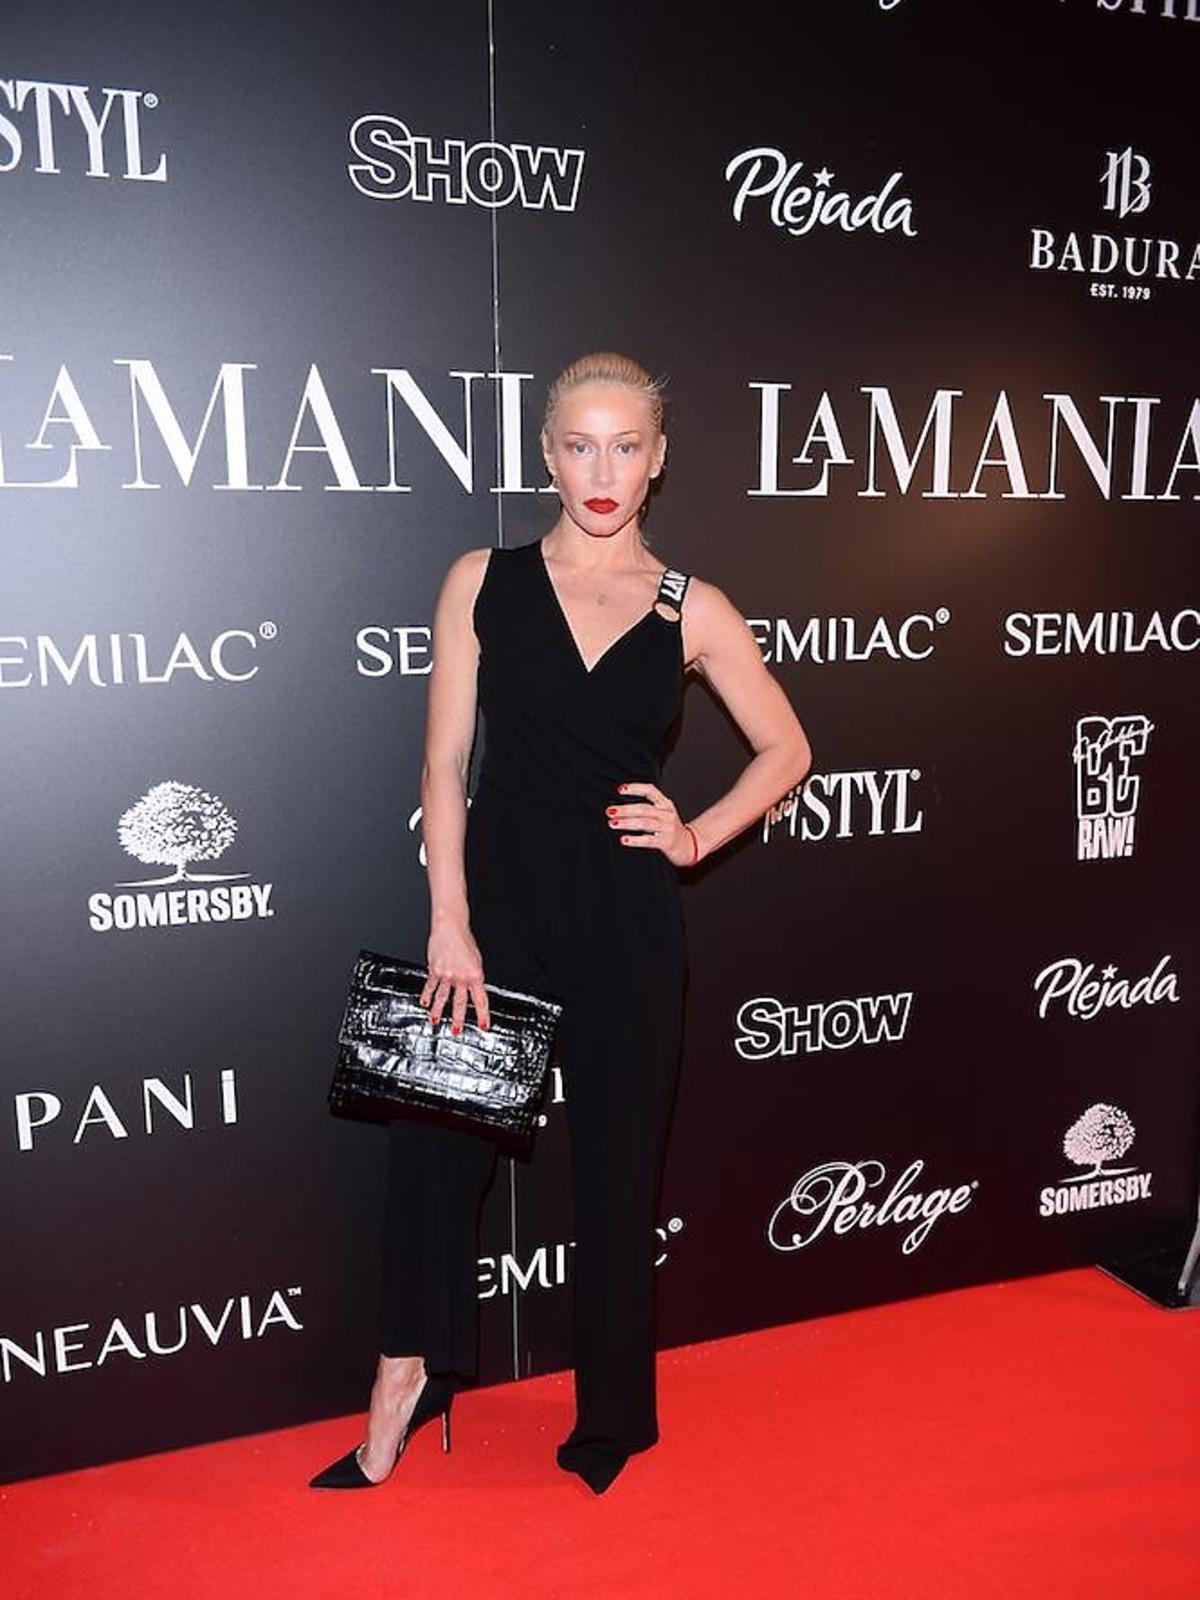 Katarzyna Warnke na imprezie La Manii